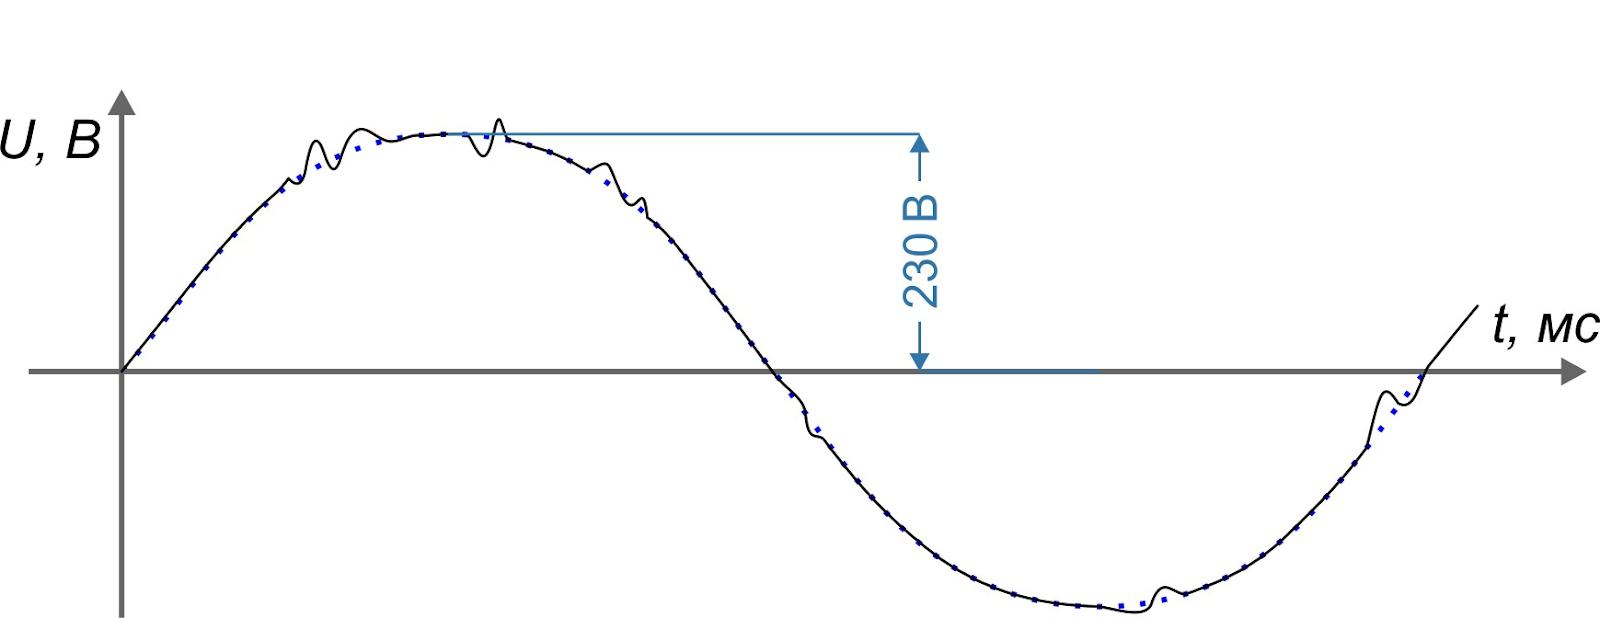 Гигиена электропитания: выбираем сетевые фильтры и стабилизаторы - 3